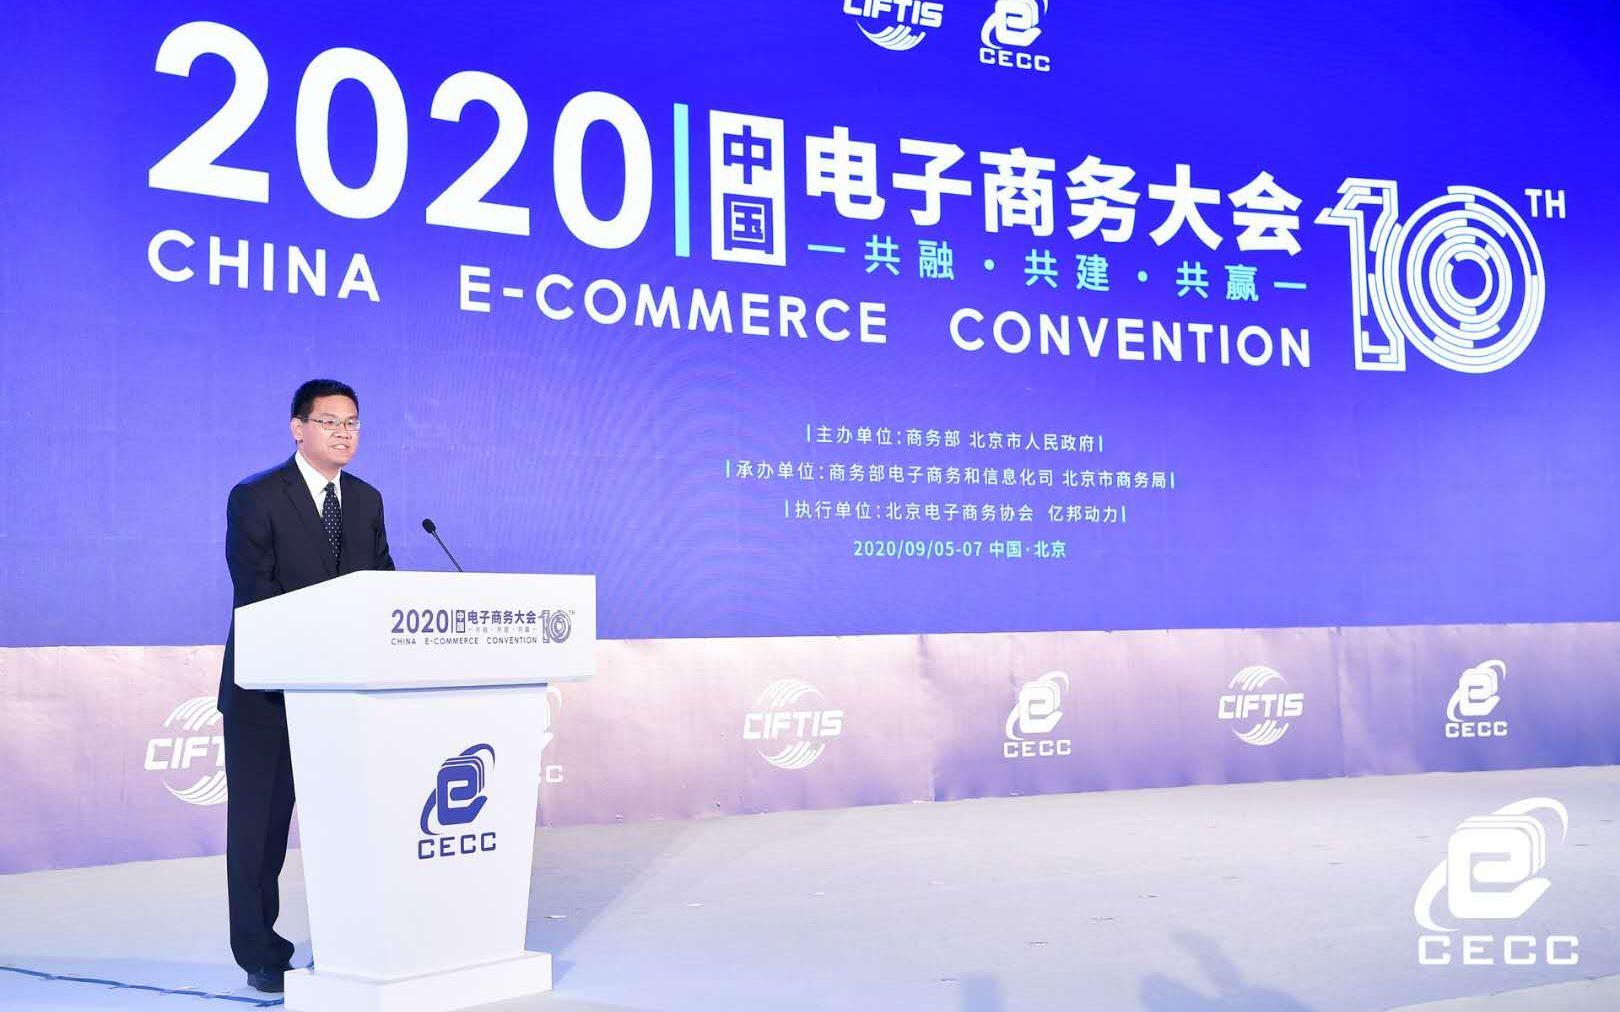 北京市副市长杨晋柏:北京网络零售额近10年增超28倍图片